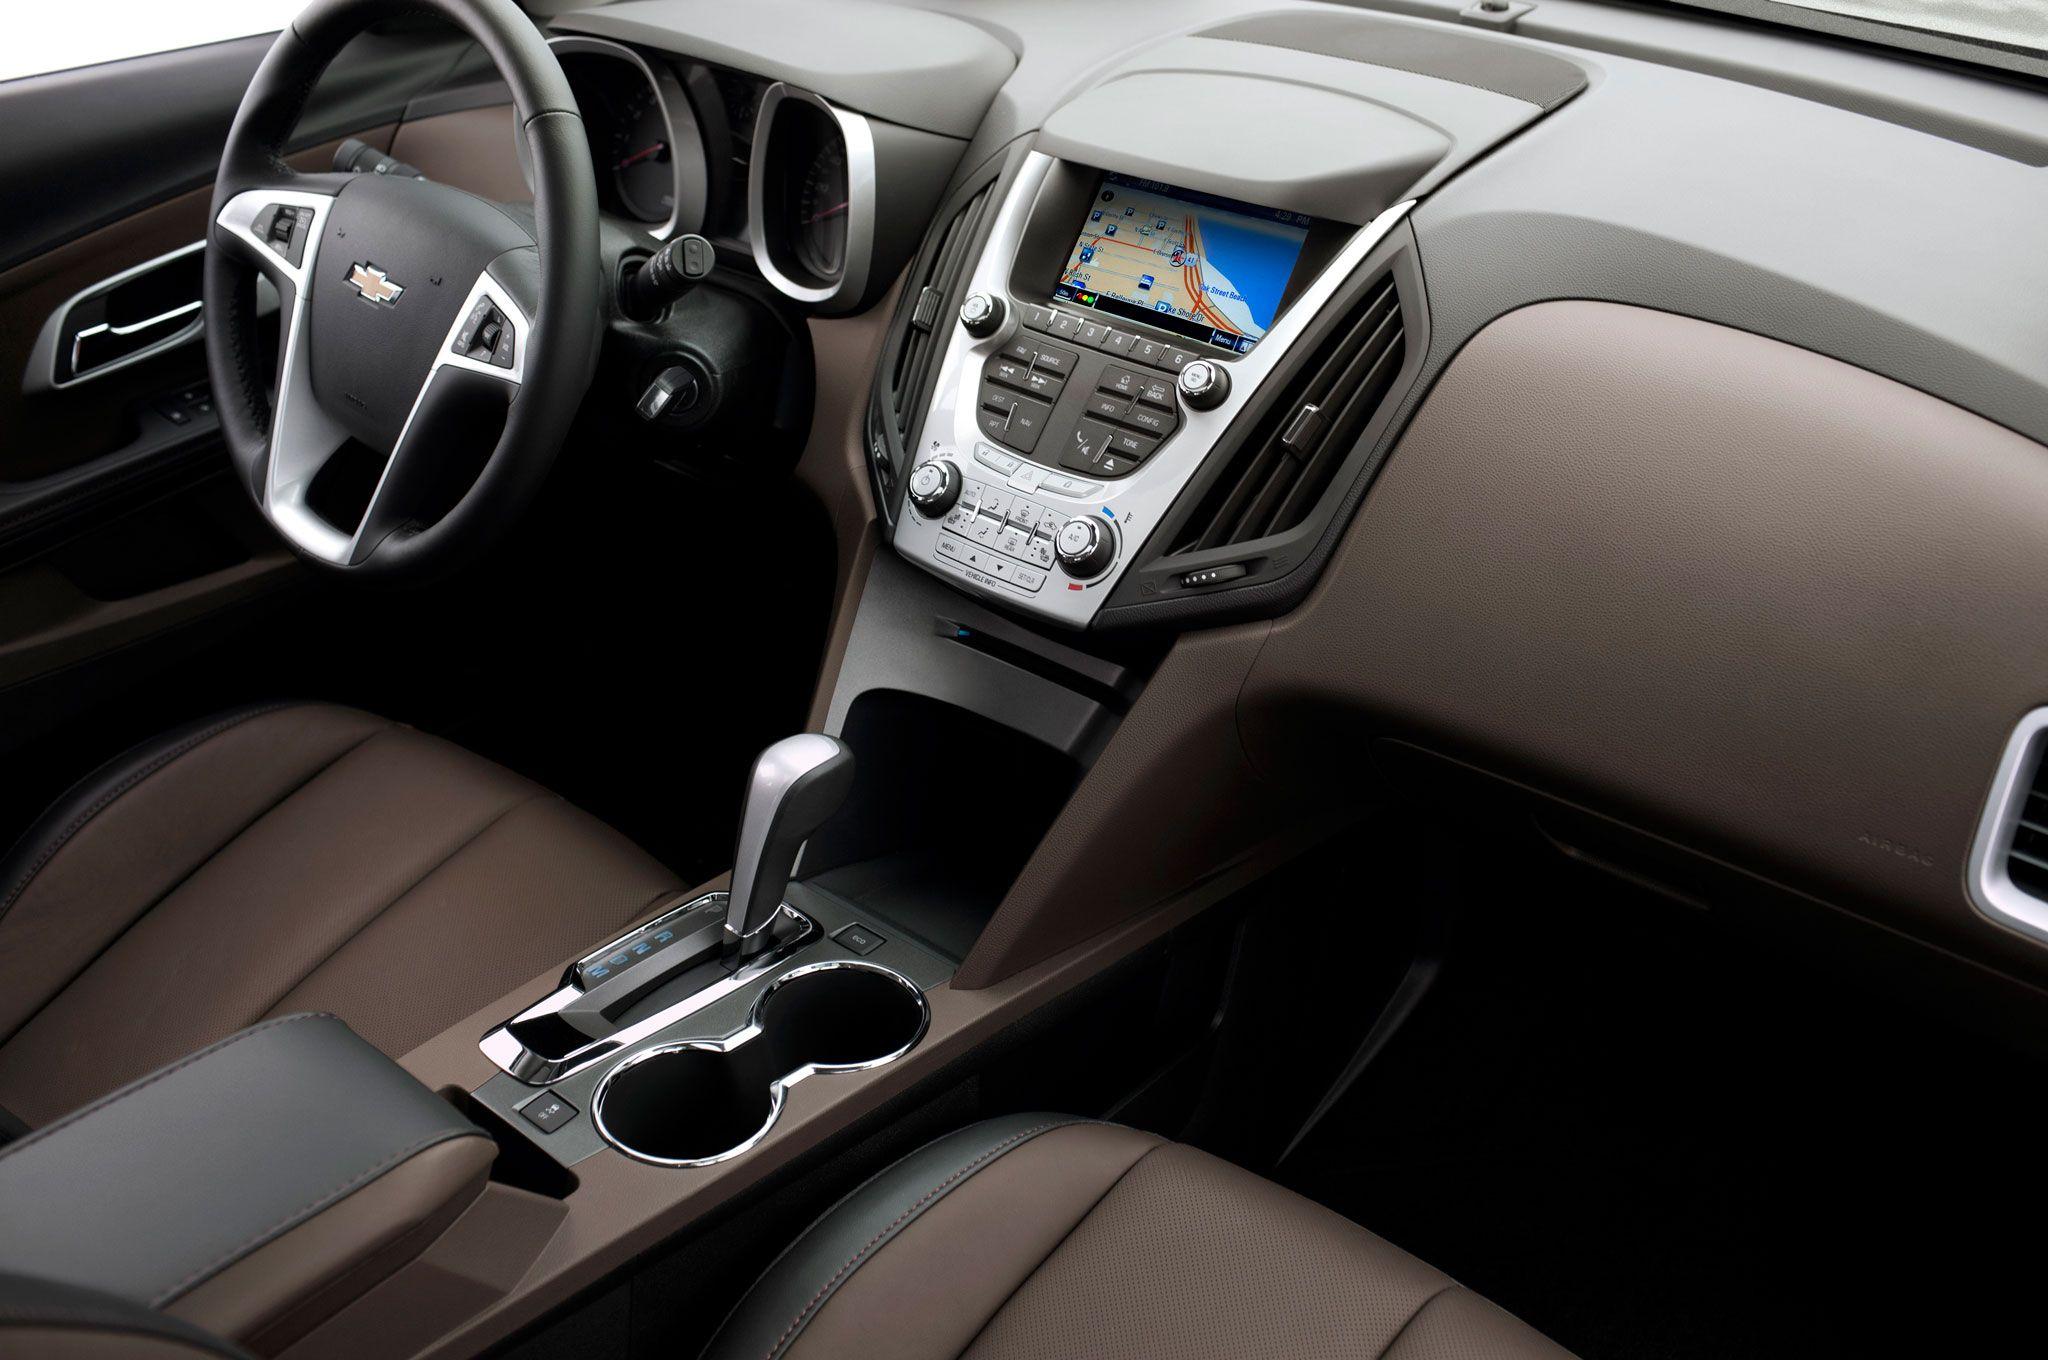 Lovely 2016 Chevrolet Equinox Interior   Http://hdcarwallfx.com/2016 Chevrolet  Equinox Interior/ Ideas